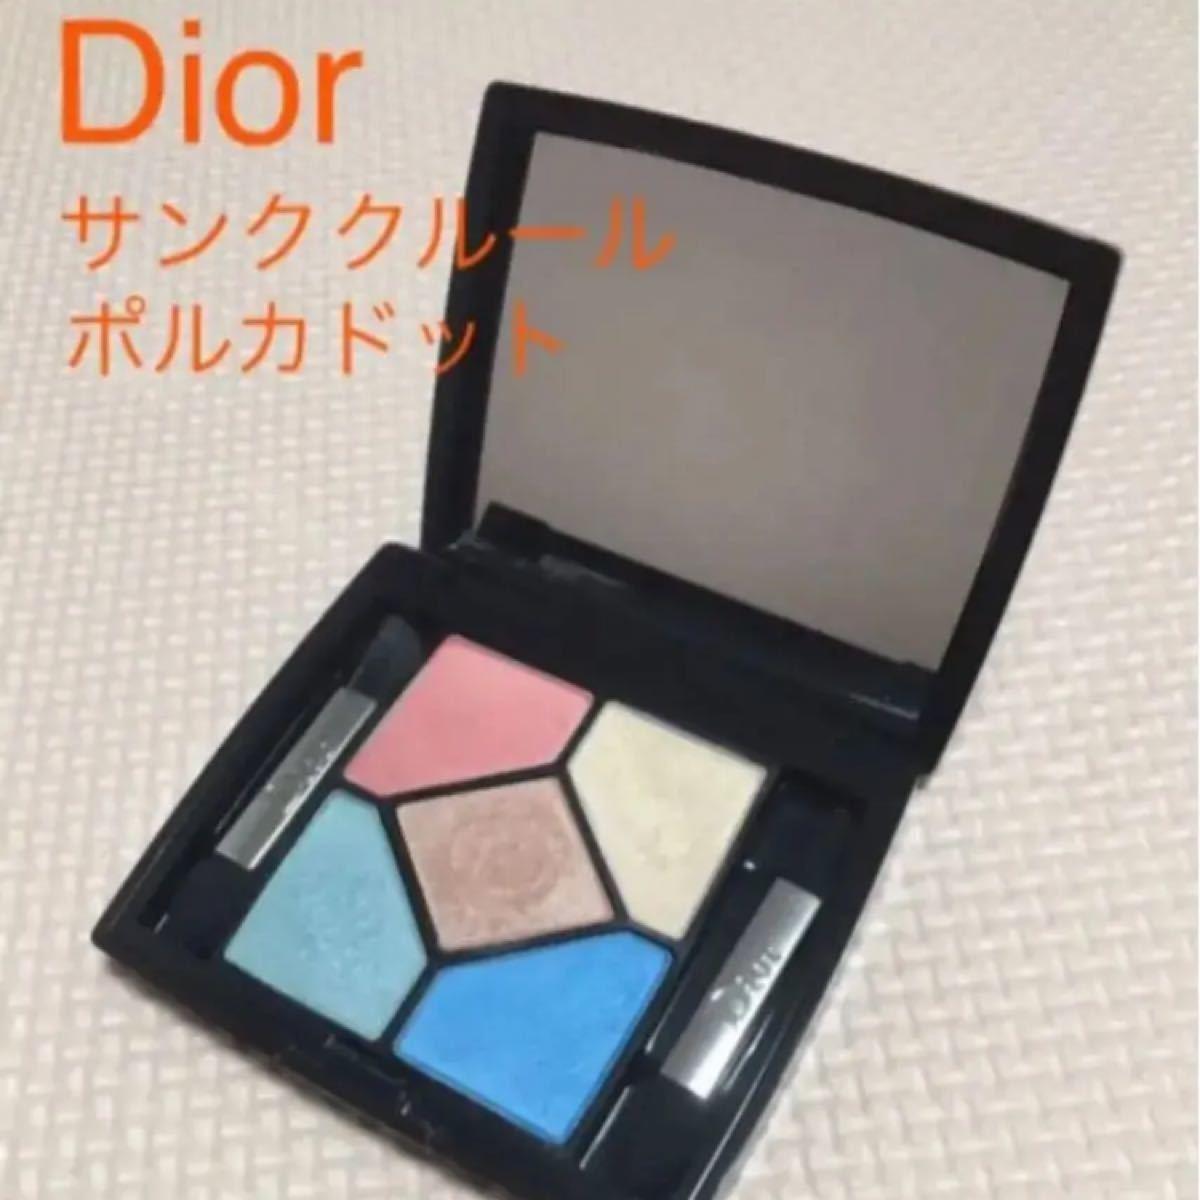 Diorアイシャドウ サンククルール366